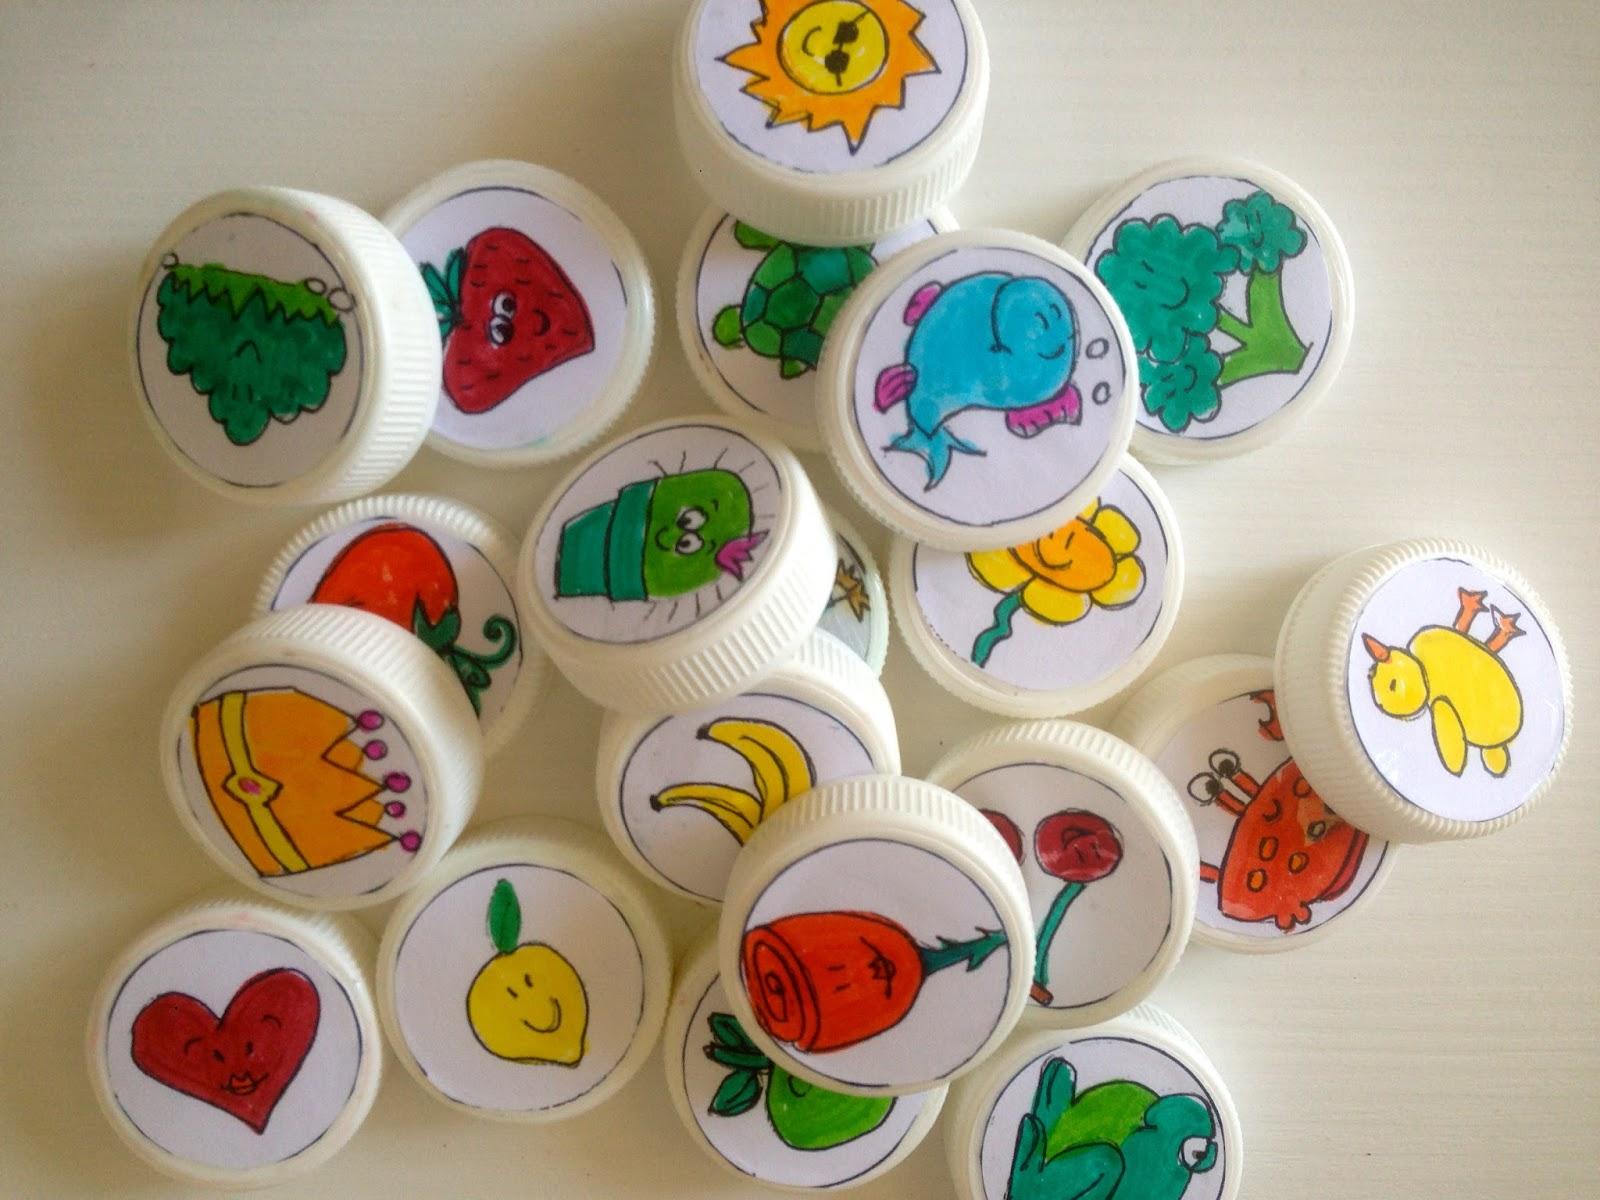 Mangia Leggi Crea Tombola Per Bambini Fai Da Te Tutorial